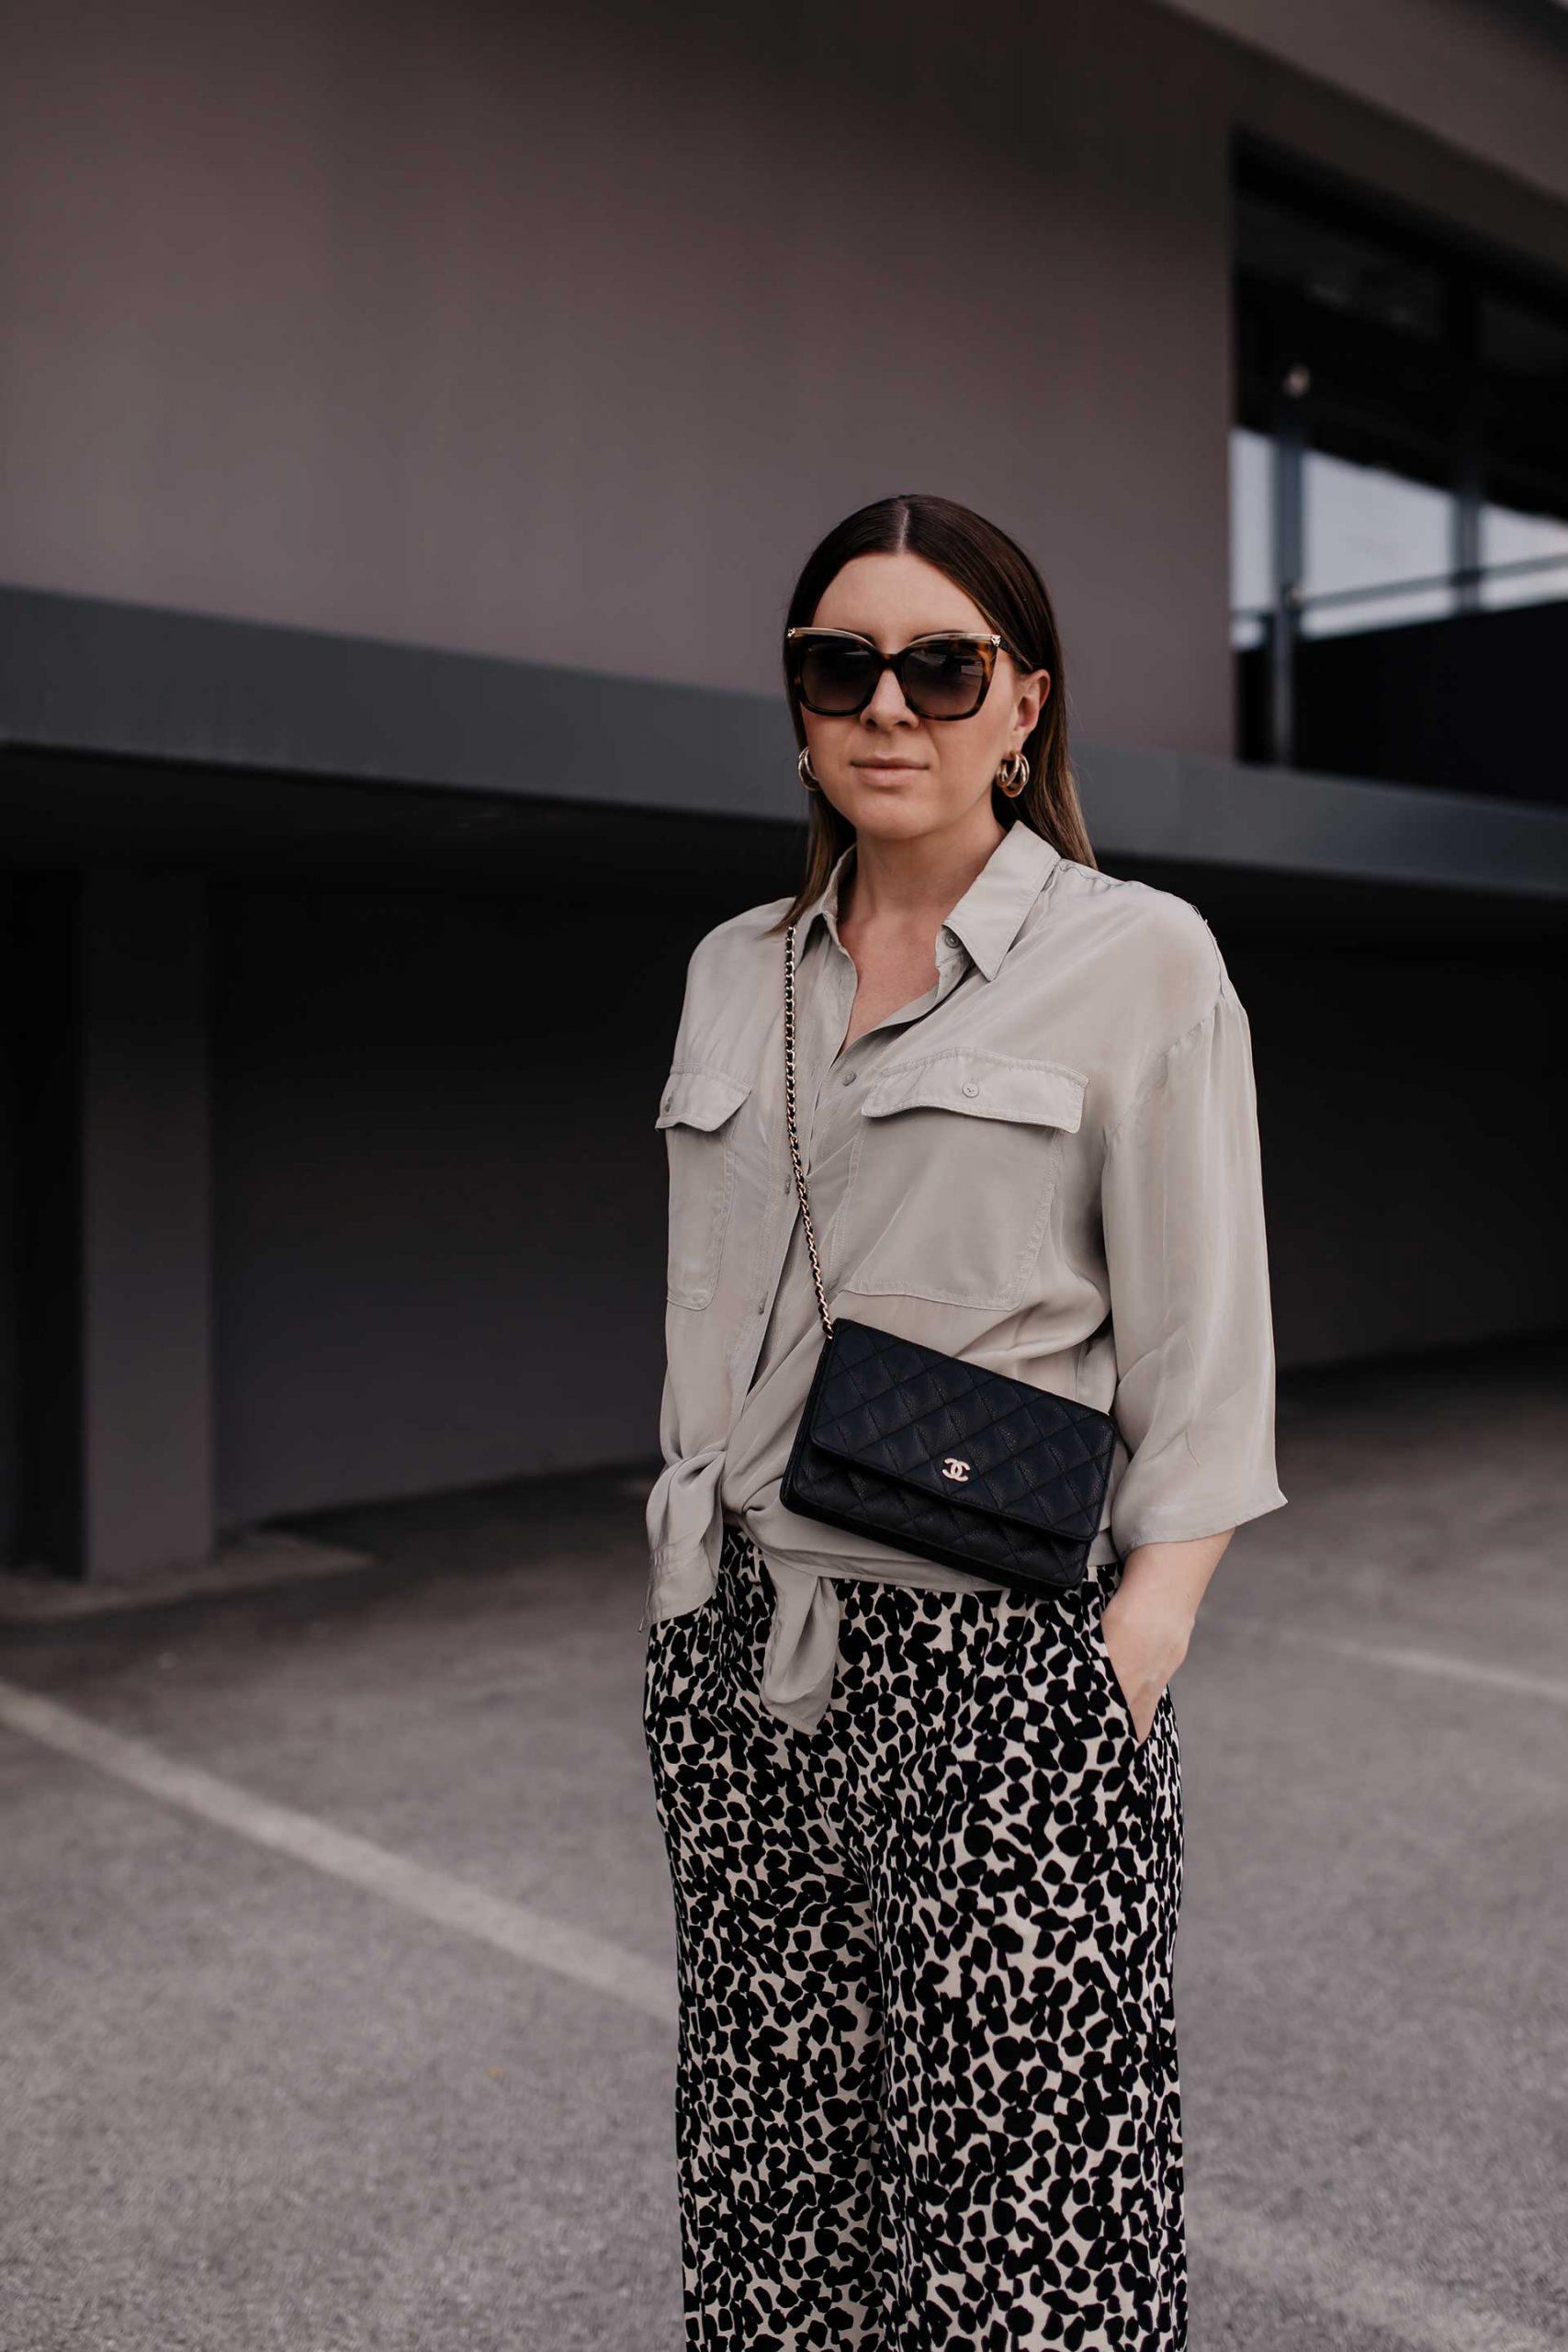 Ich zeige dir am #Modeblog, wie gut man eine #Palazzohose kombinieren und Bequemlichkeit sowie eine Prise Eleganz vereinen kann. www.whoismocca.com